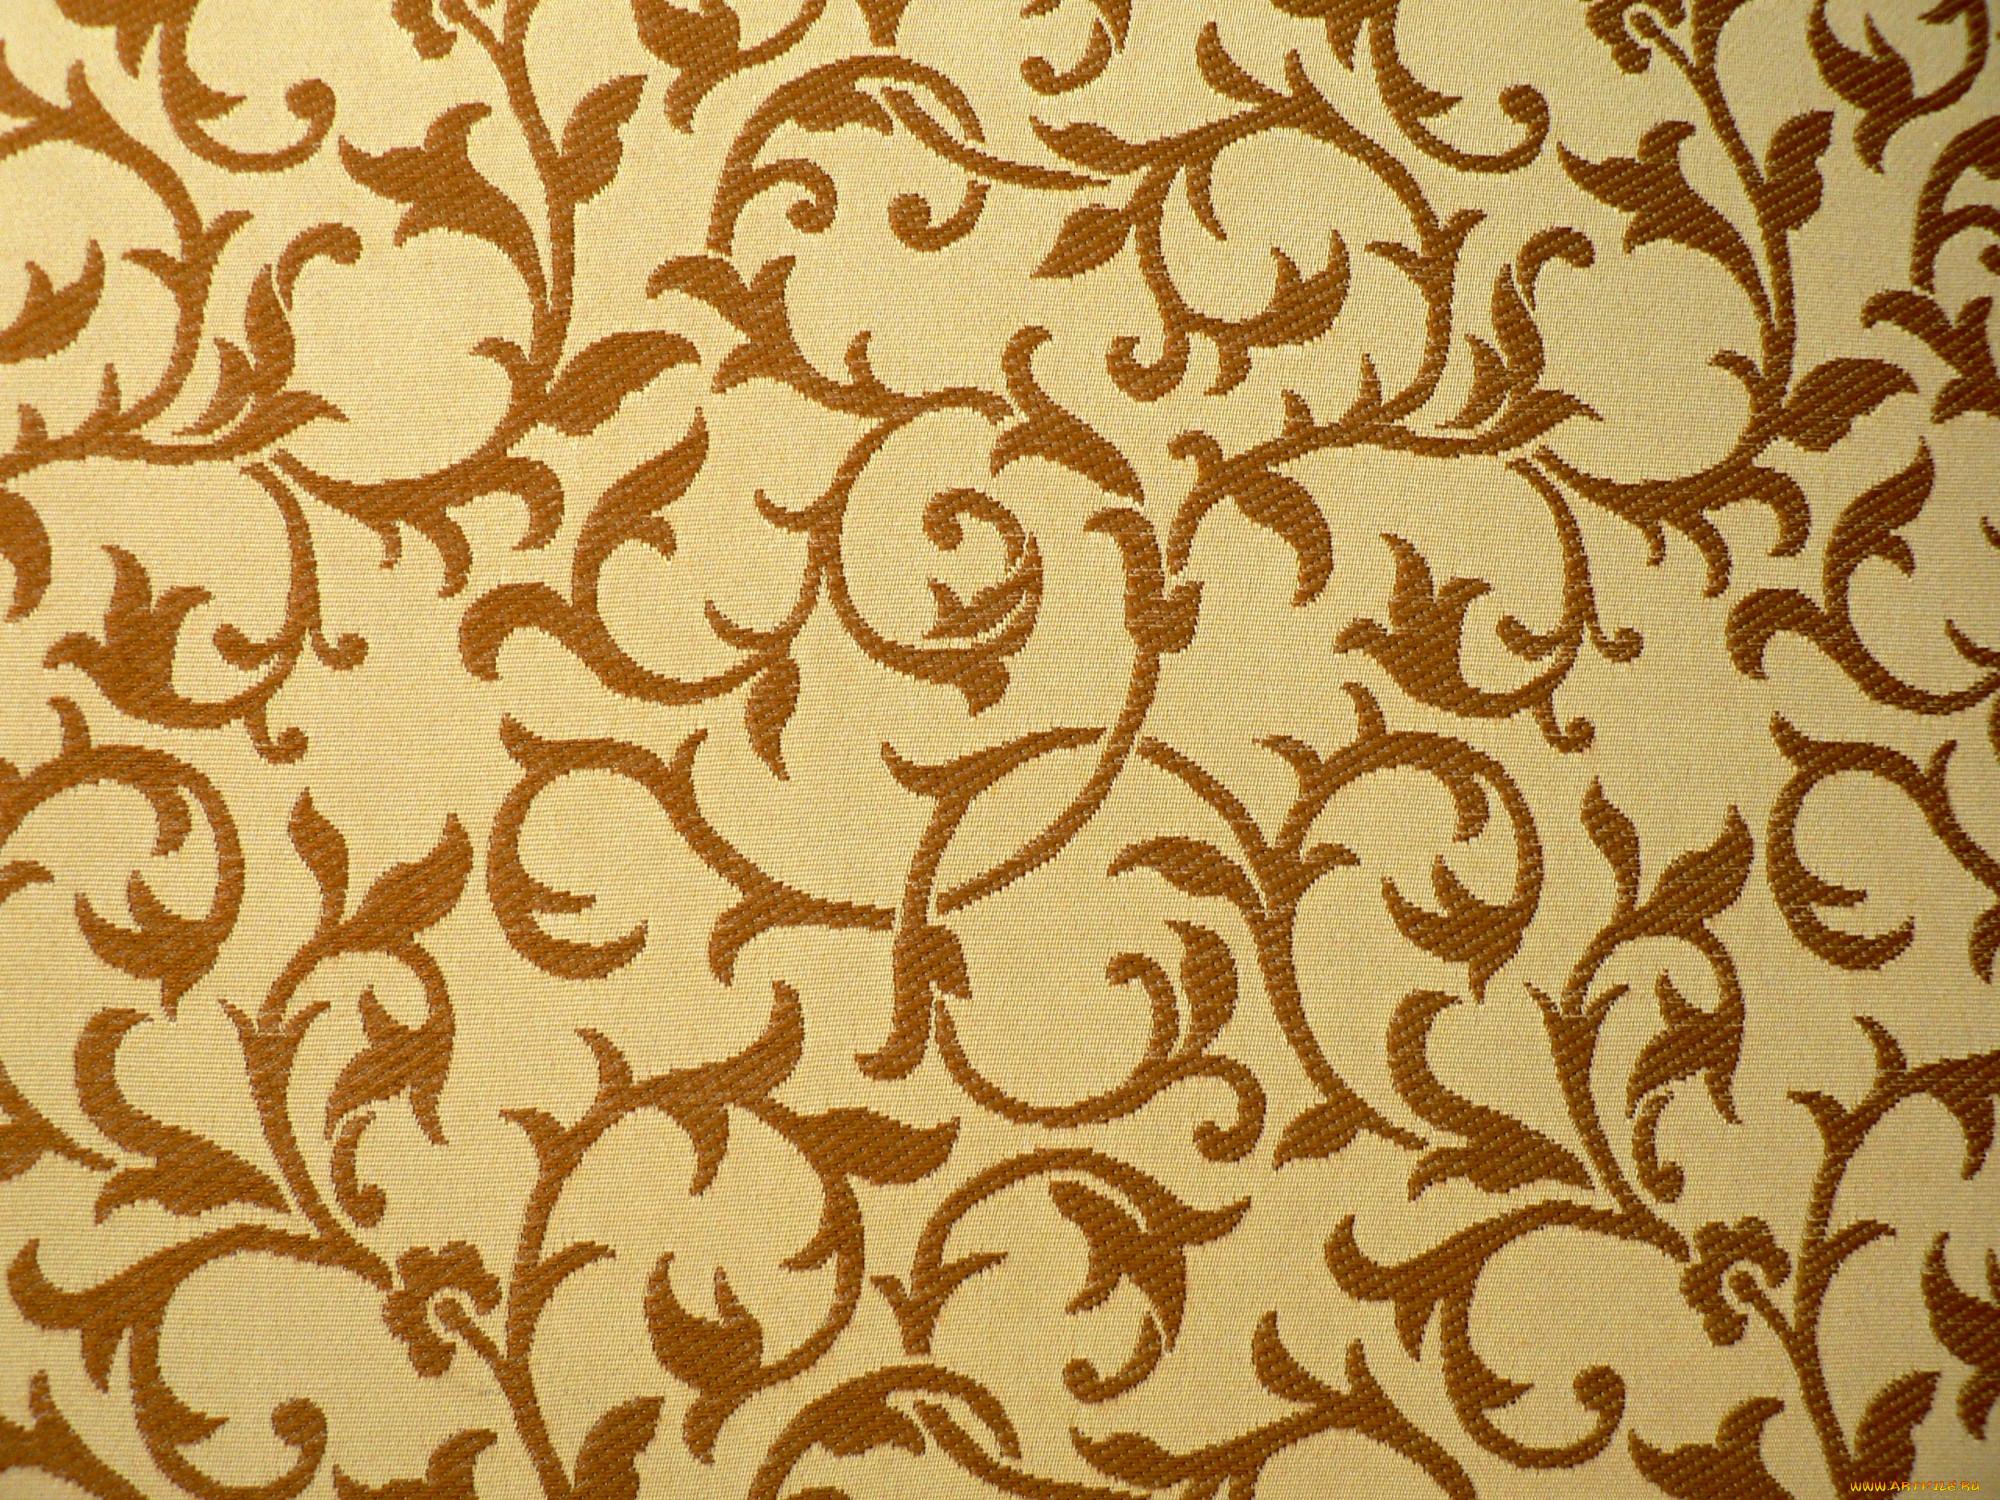 нажмите на обою для рабочего стола ...: www.artfile.ru/i.php?i=643661